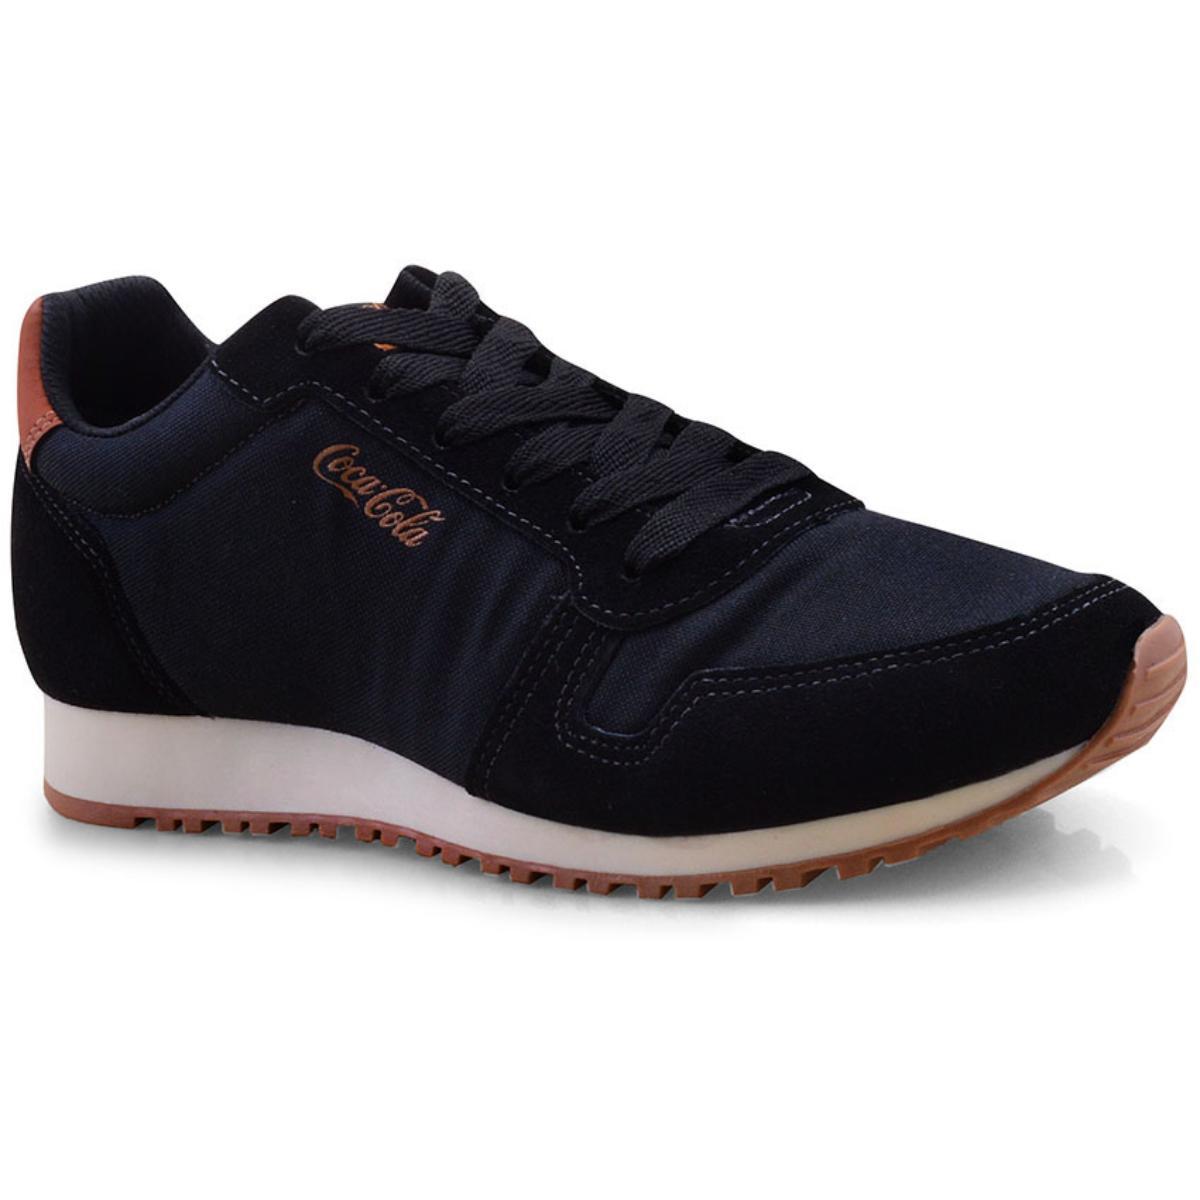 Tênis Masculino Coca-cola Shoes Cc1493 Preto